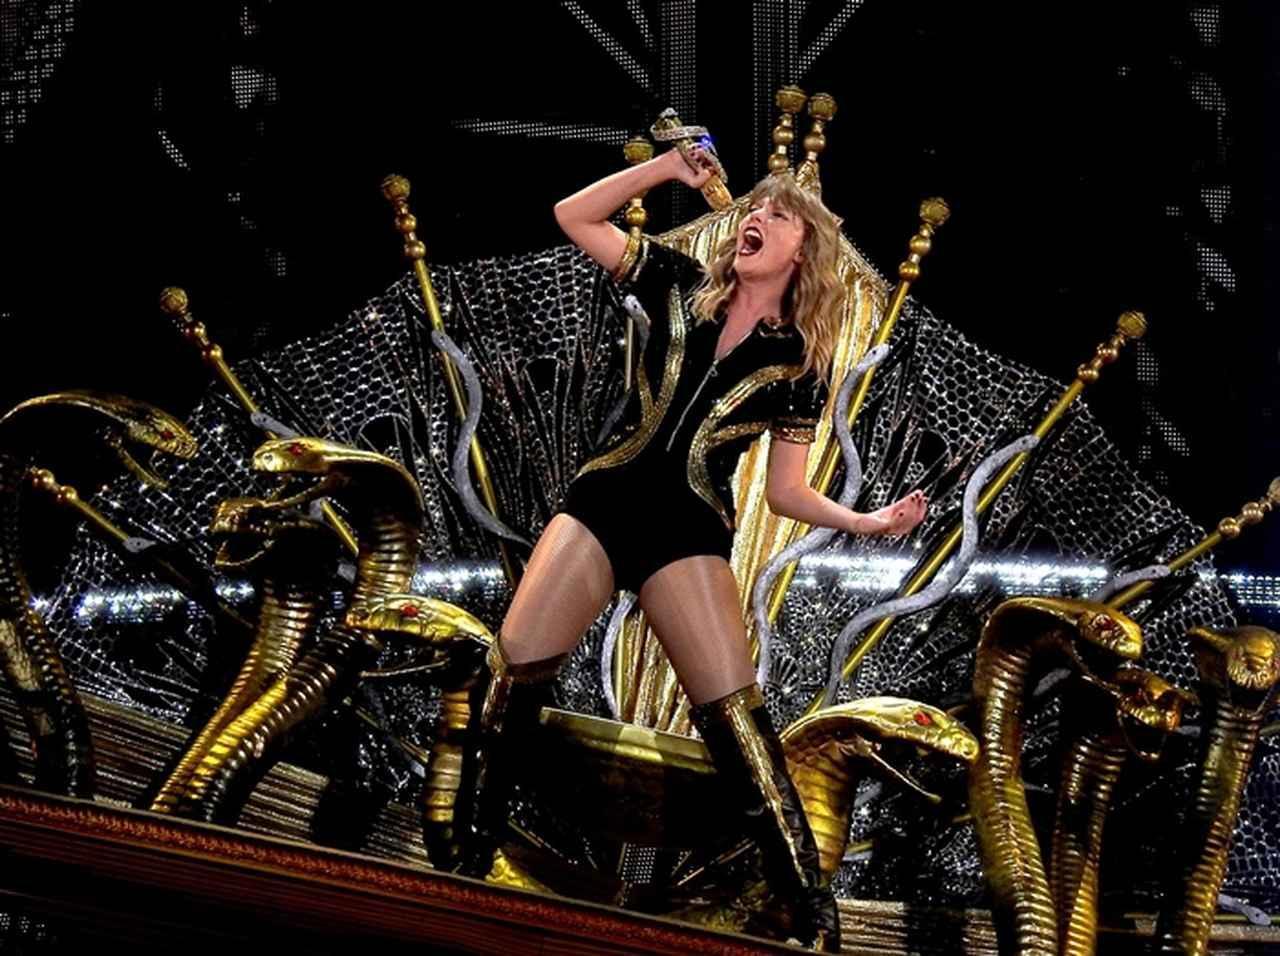 画像: シングル曲「ルック・ホワット・ユー・メイド・ミー・ドゥ」のMVで、自身への批判の象徴である『ヘビ』のモチーフを多用して話題になったテイラー。今回のツアーにも『ヘビ』を象ったアイテムが随所に登場している。